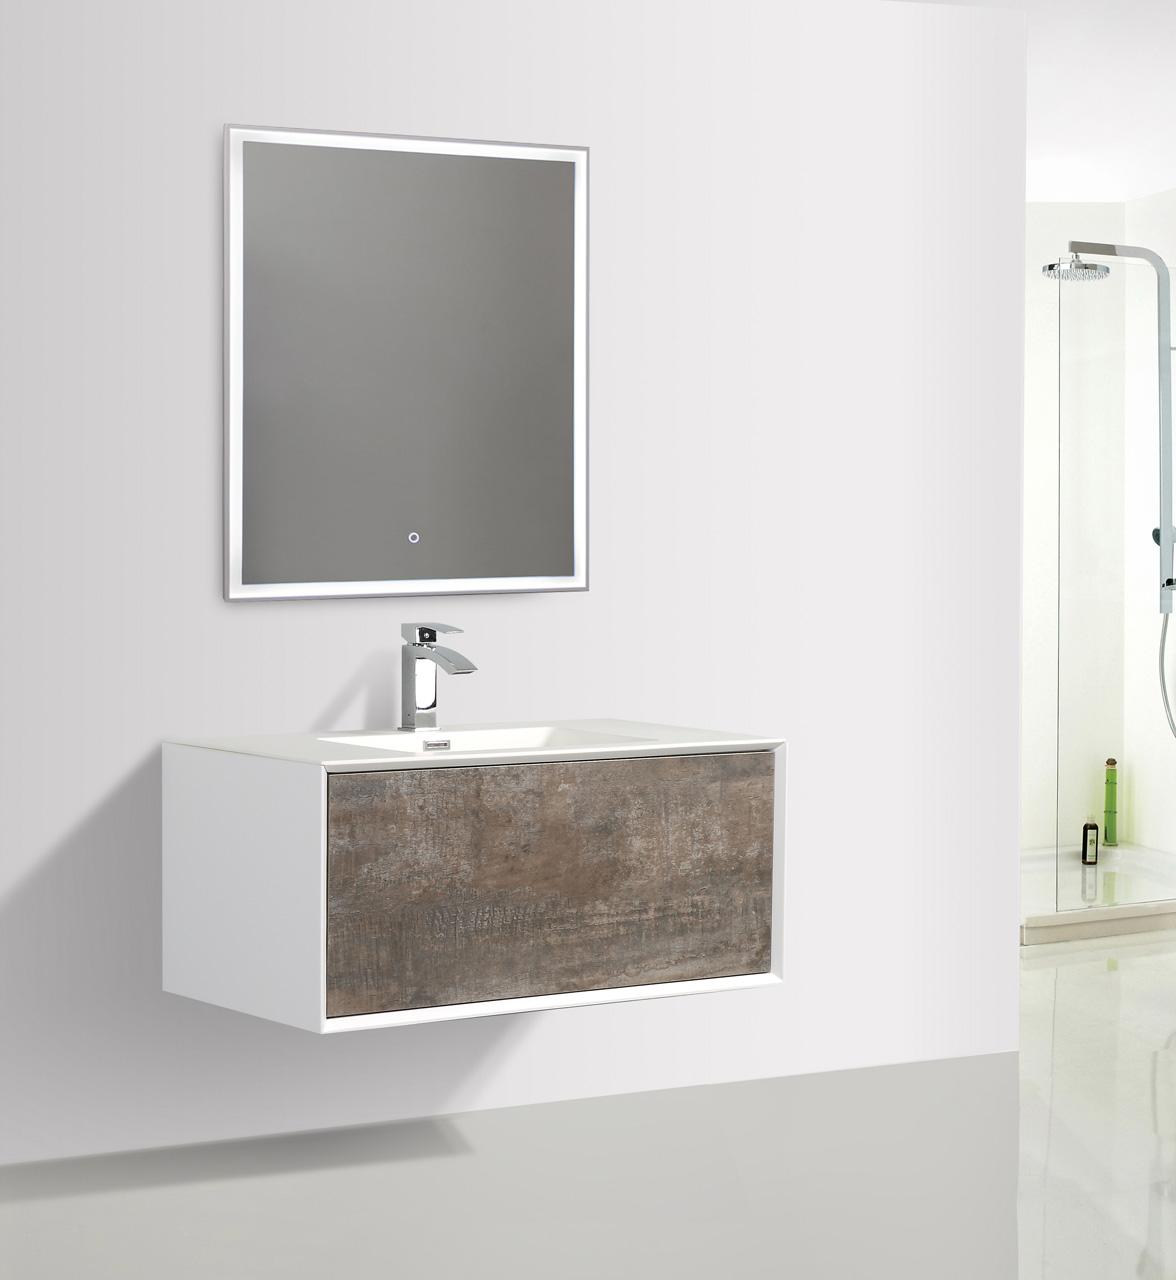 Lavandino E Mobile Bagno.Dettagli Su Mobile Bagno Sospeso 90 Legno Bianco Stone Cemento Con Lavabo Specchio Led Griff